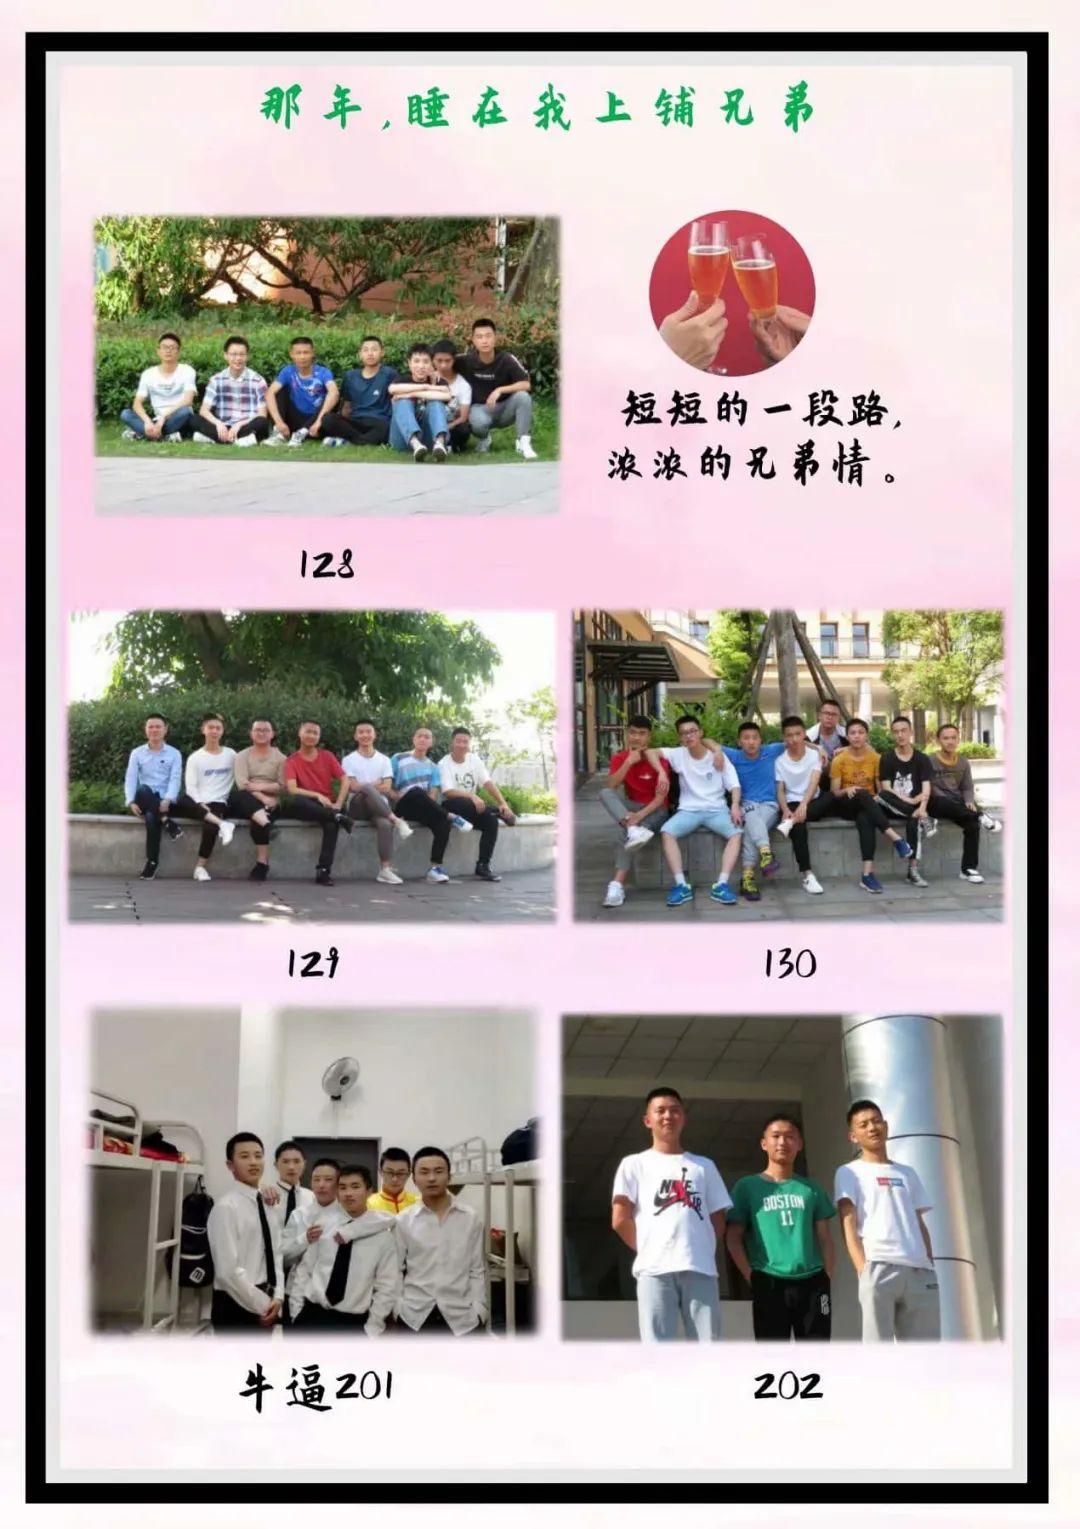 再见,云涛之家—叙永三中17级10班毕业纪念 叙永三中 第24张